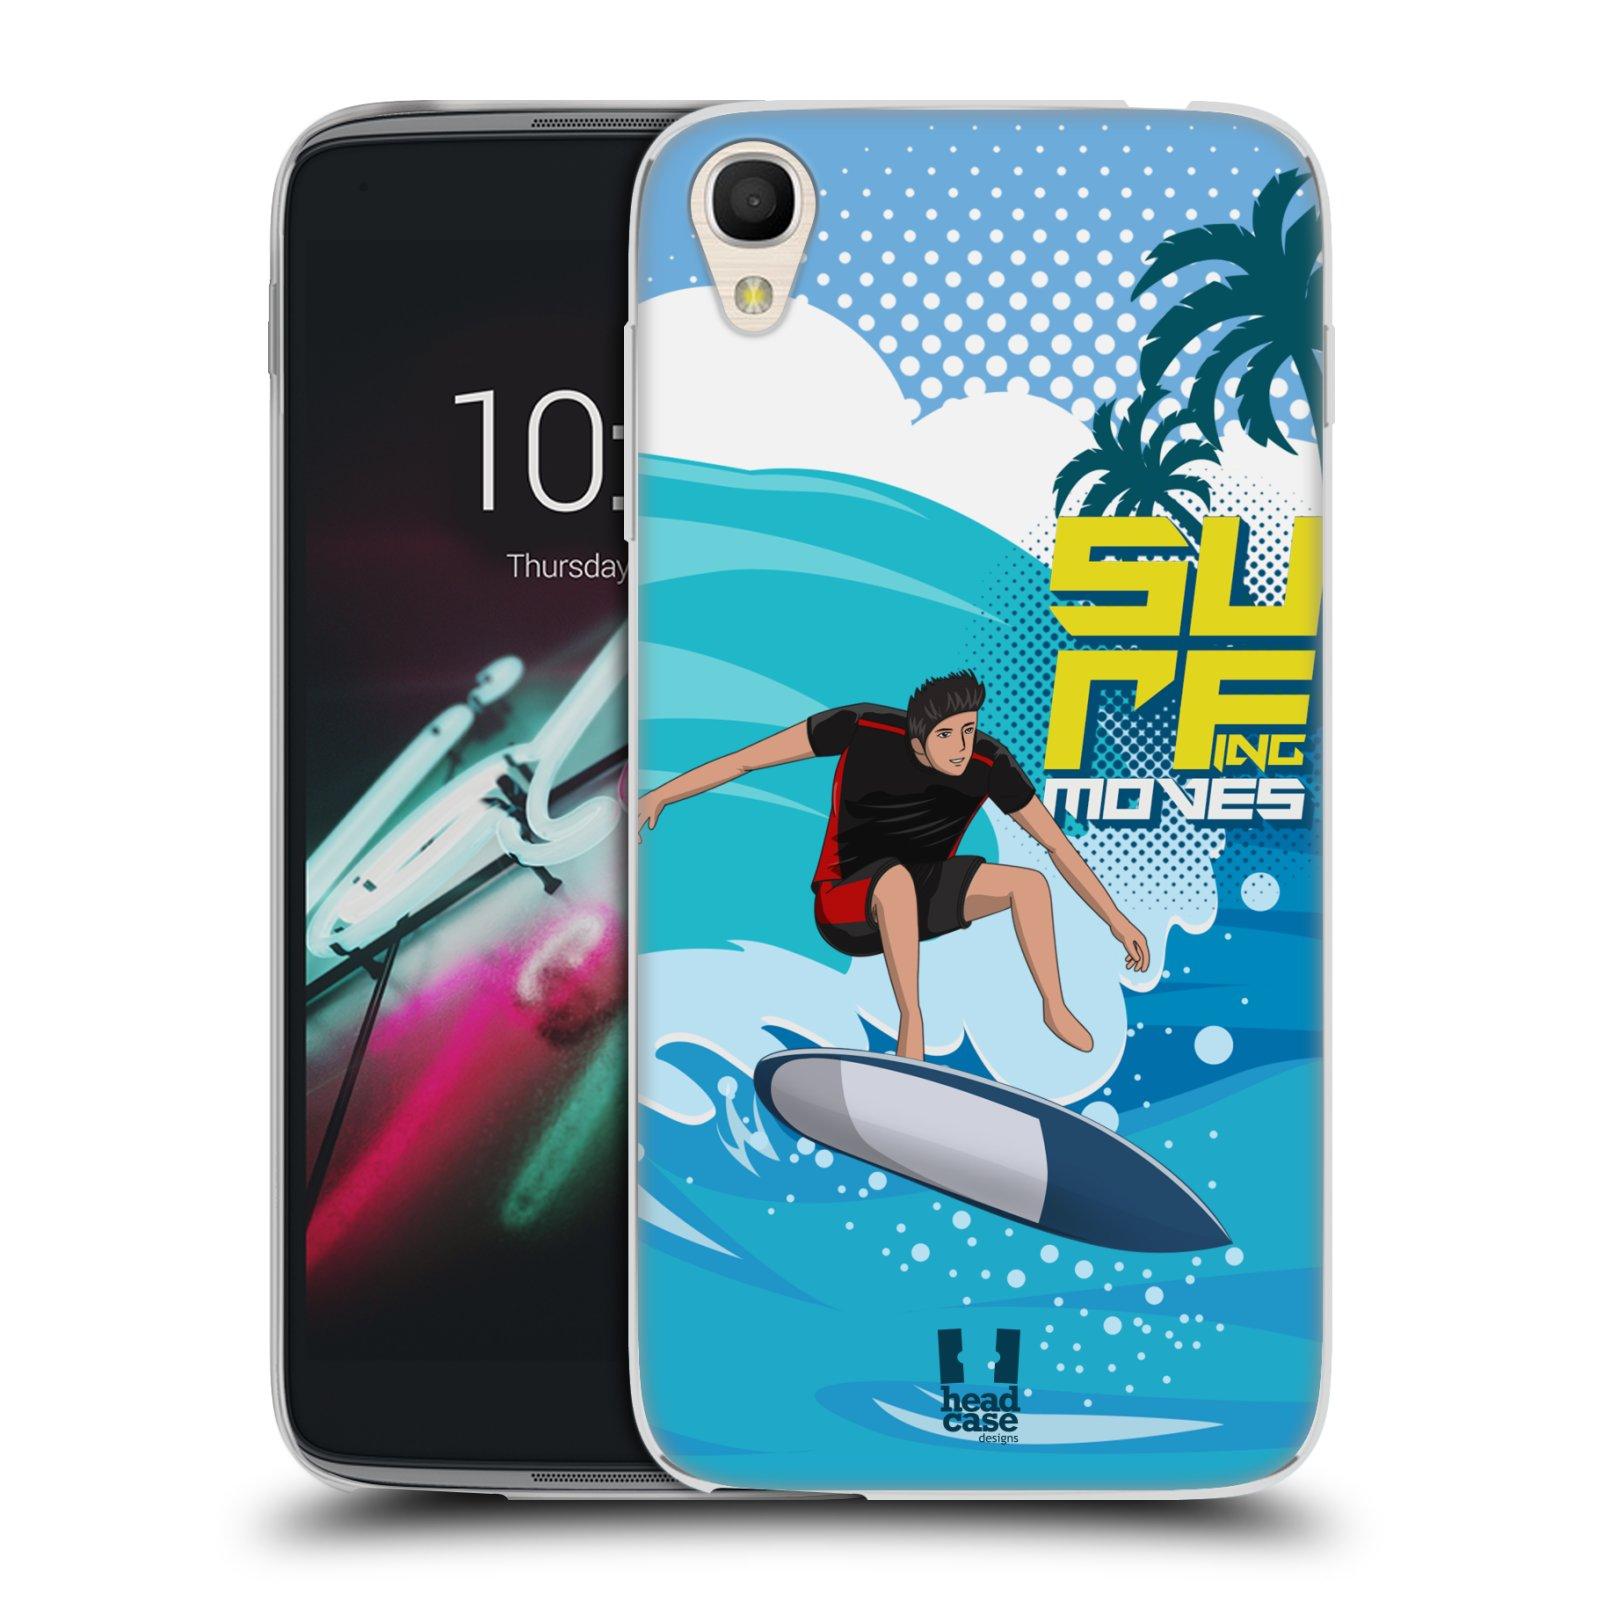 HEAD CASE silikonový obal na mobil Alcatel Idol 3 OT-6039Y (4.7) vzor Surfing modrá barva KICKFLIP